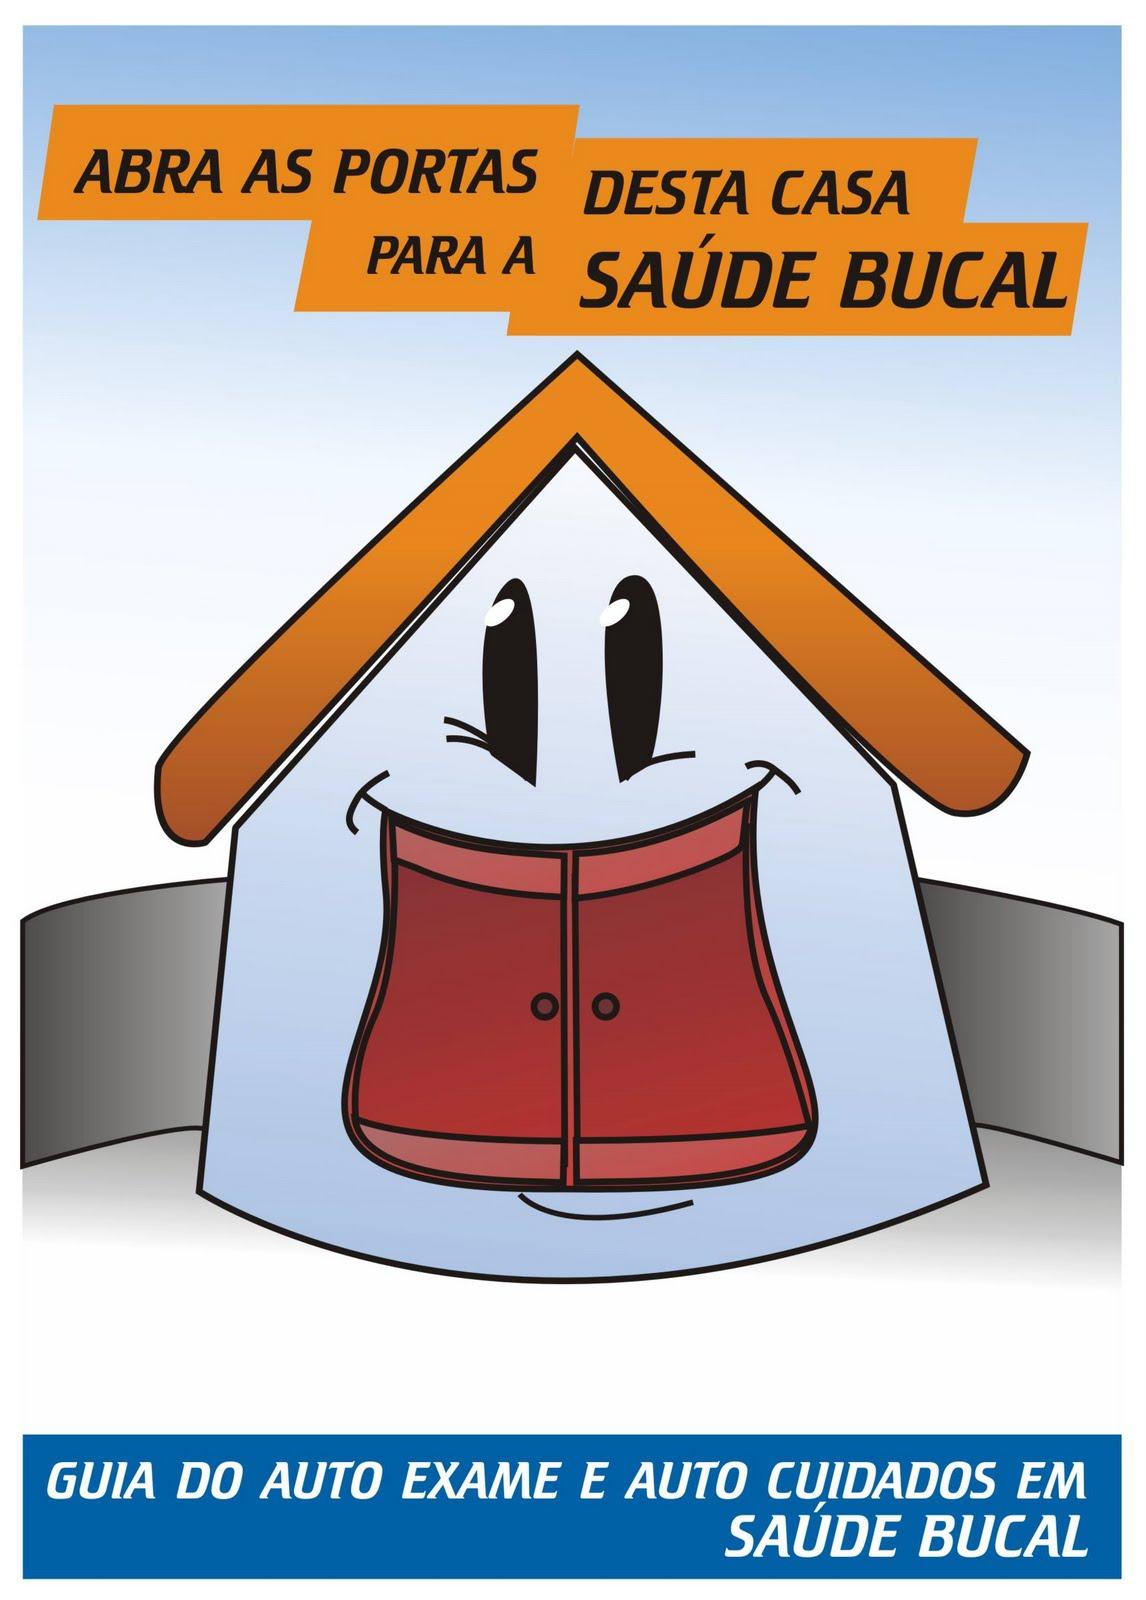 saude+bucal.jpg